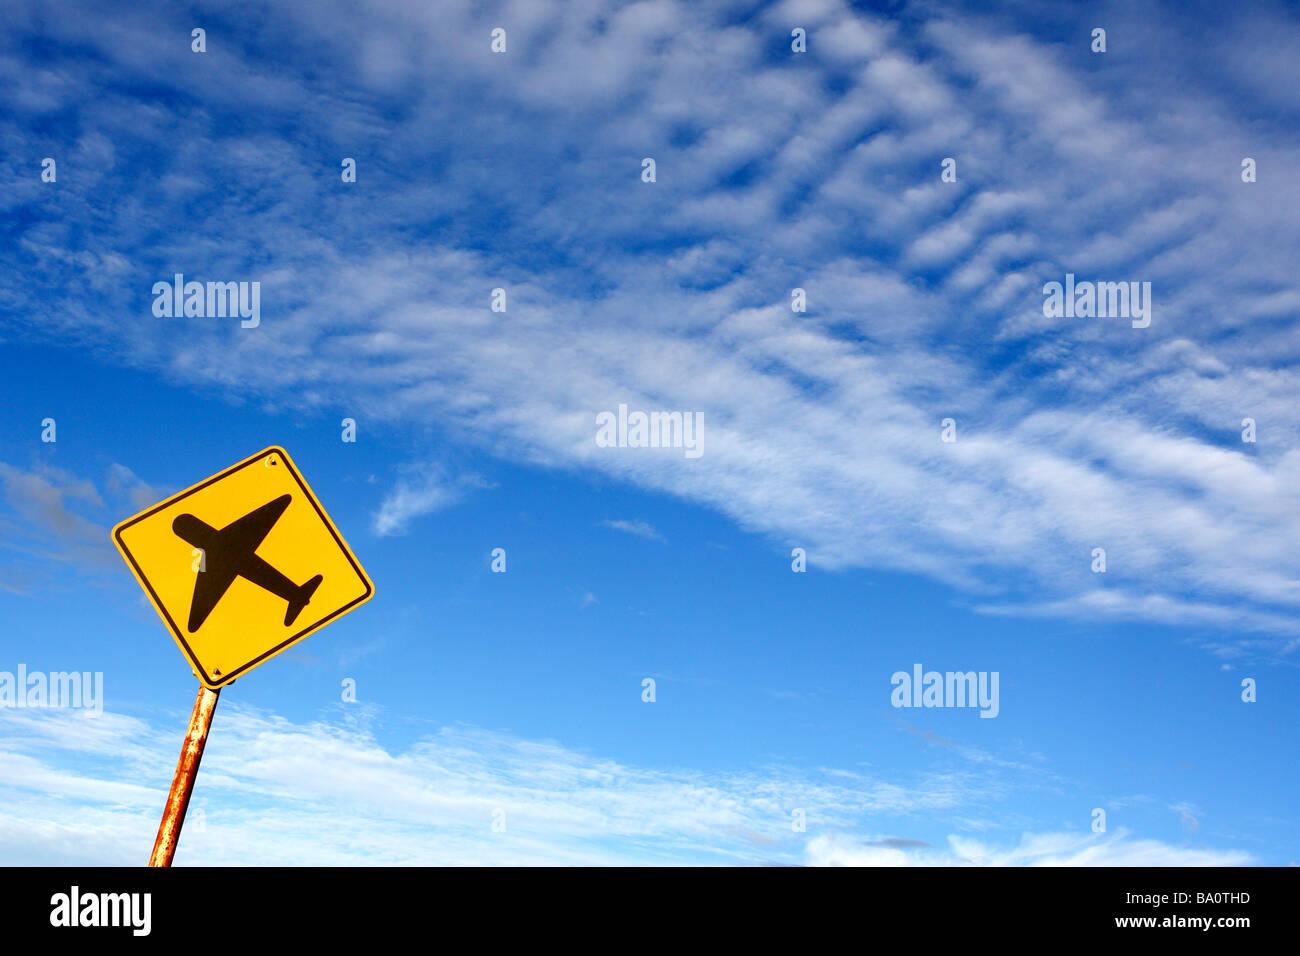 Flugzeug-Zeichen gegen blauen Himmel Stockbild